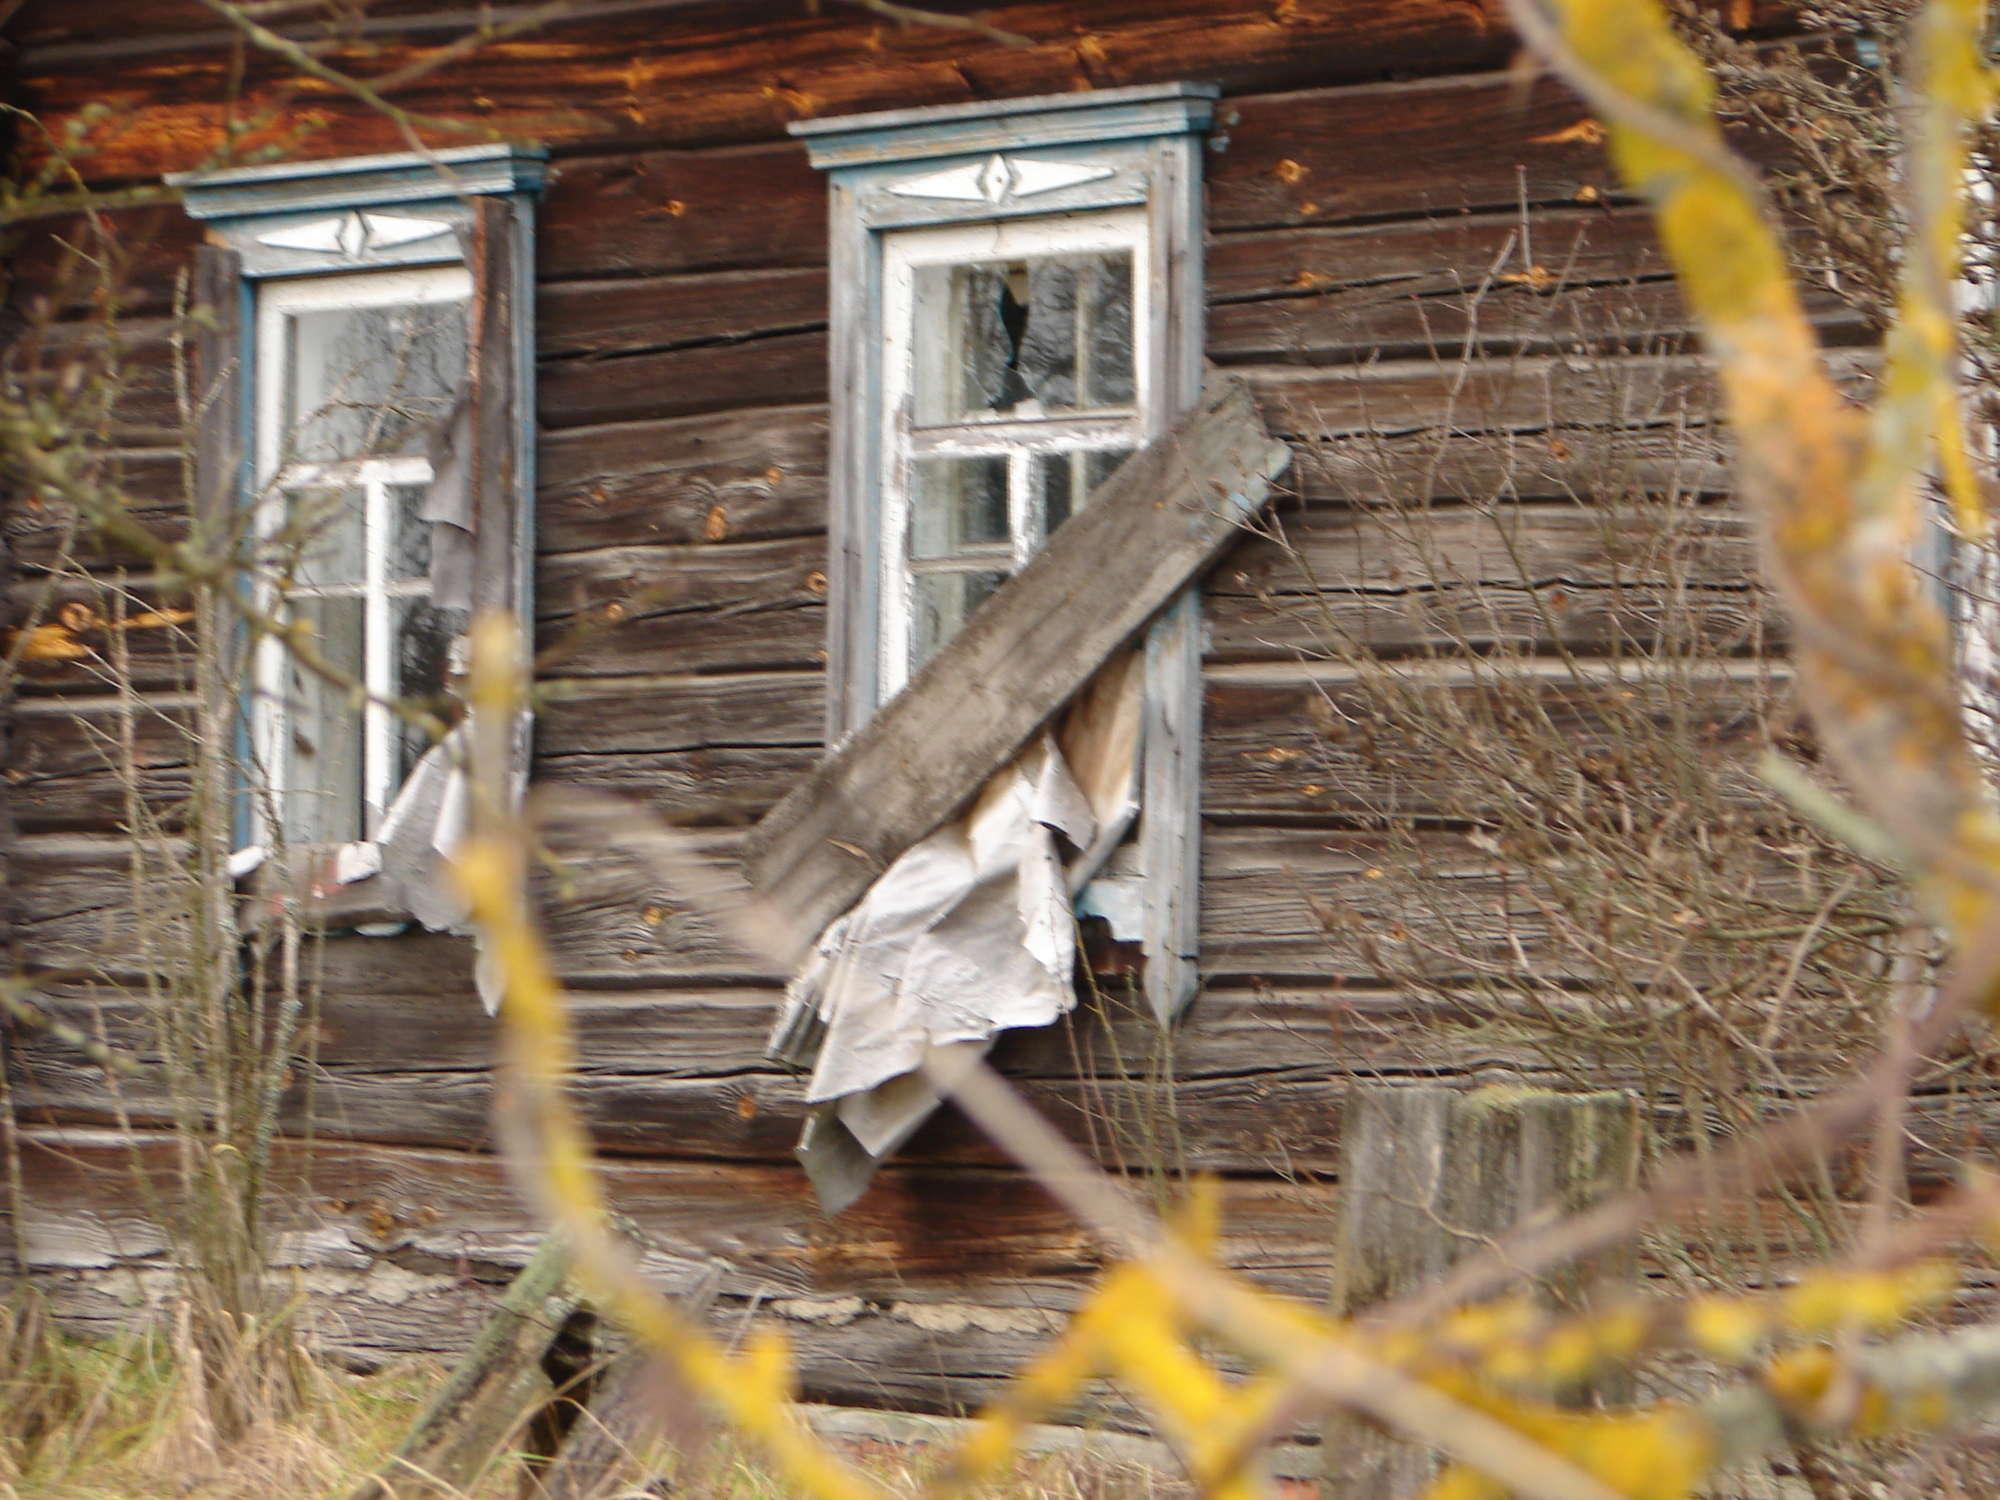 Εγκαταλελειμμένο σπίτι. Φωτο: Tatyana Deryabina